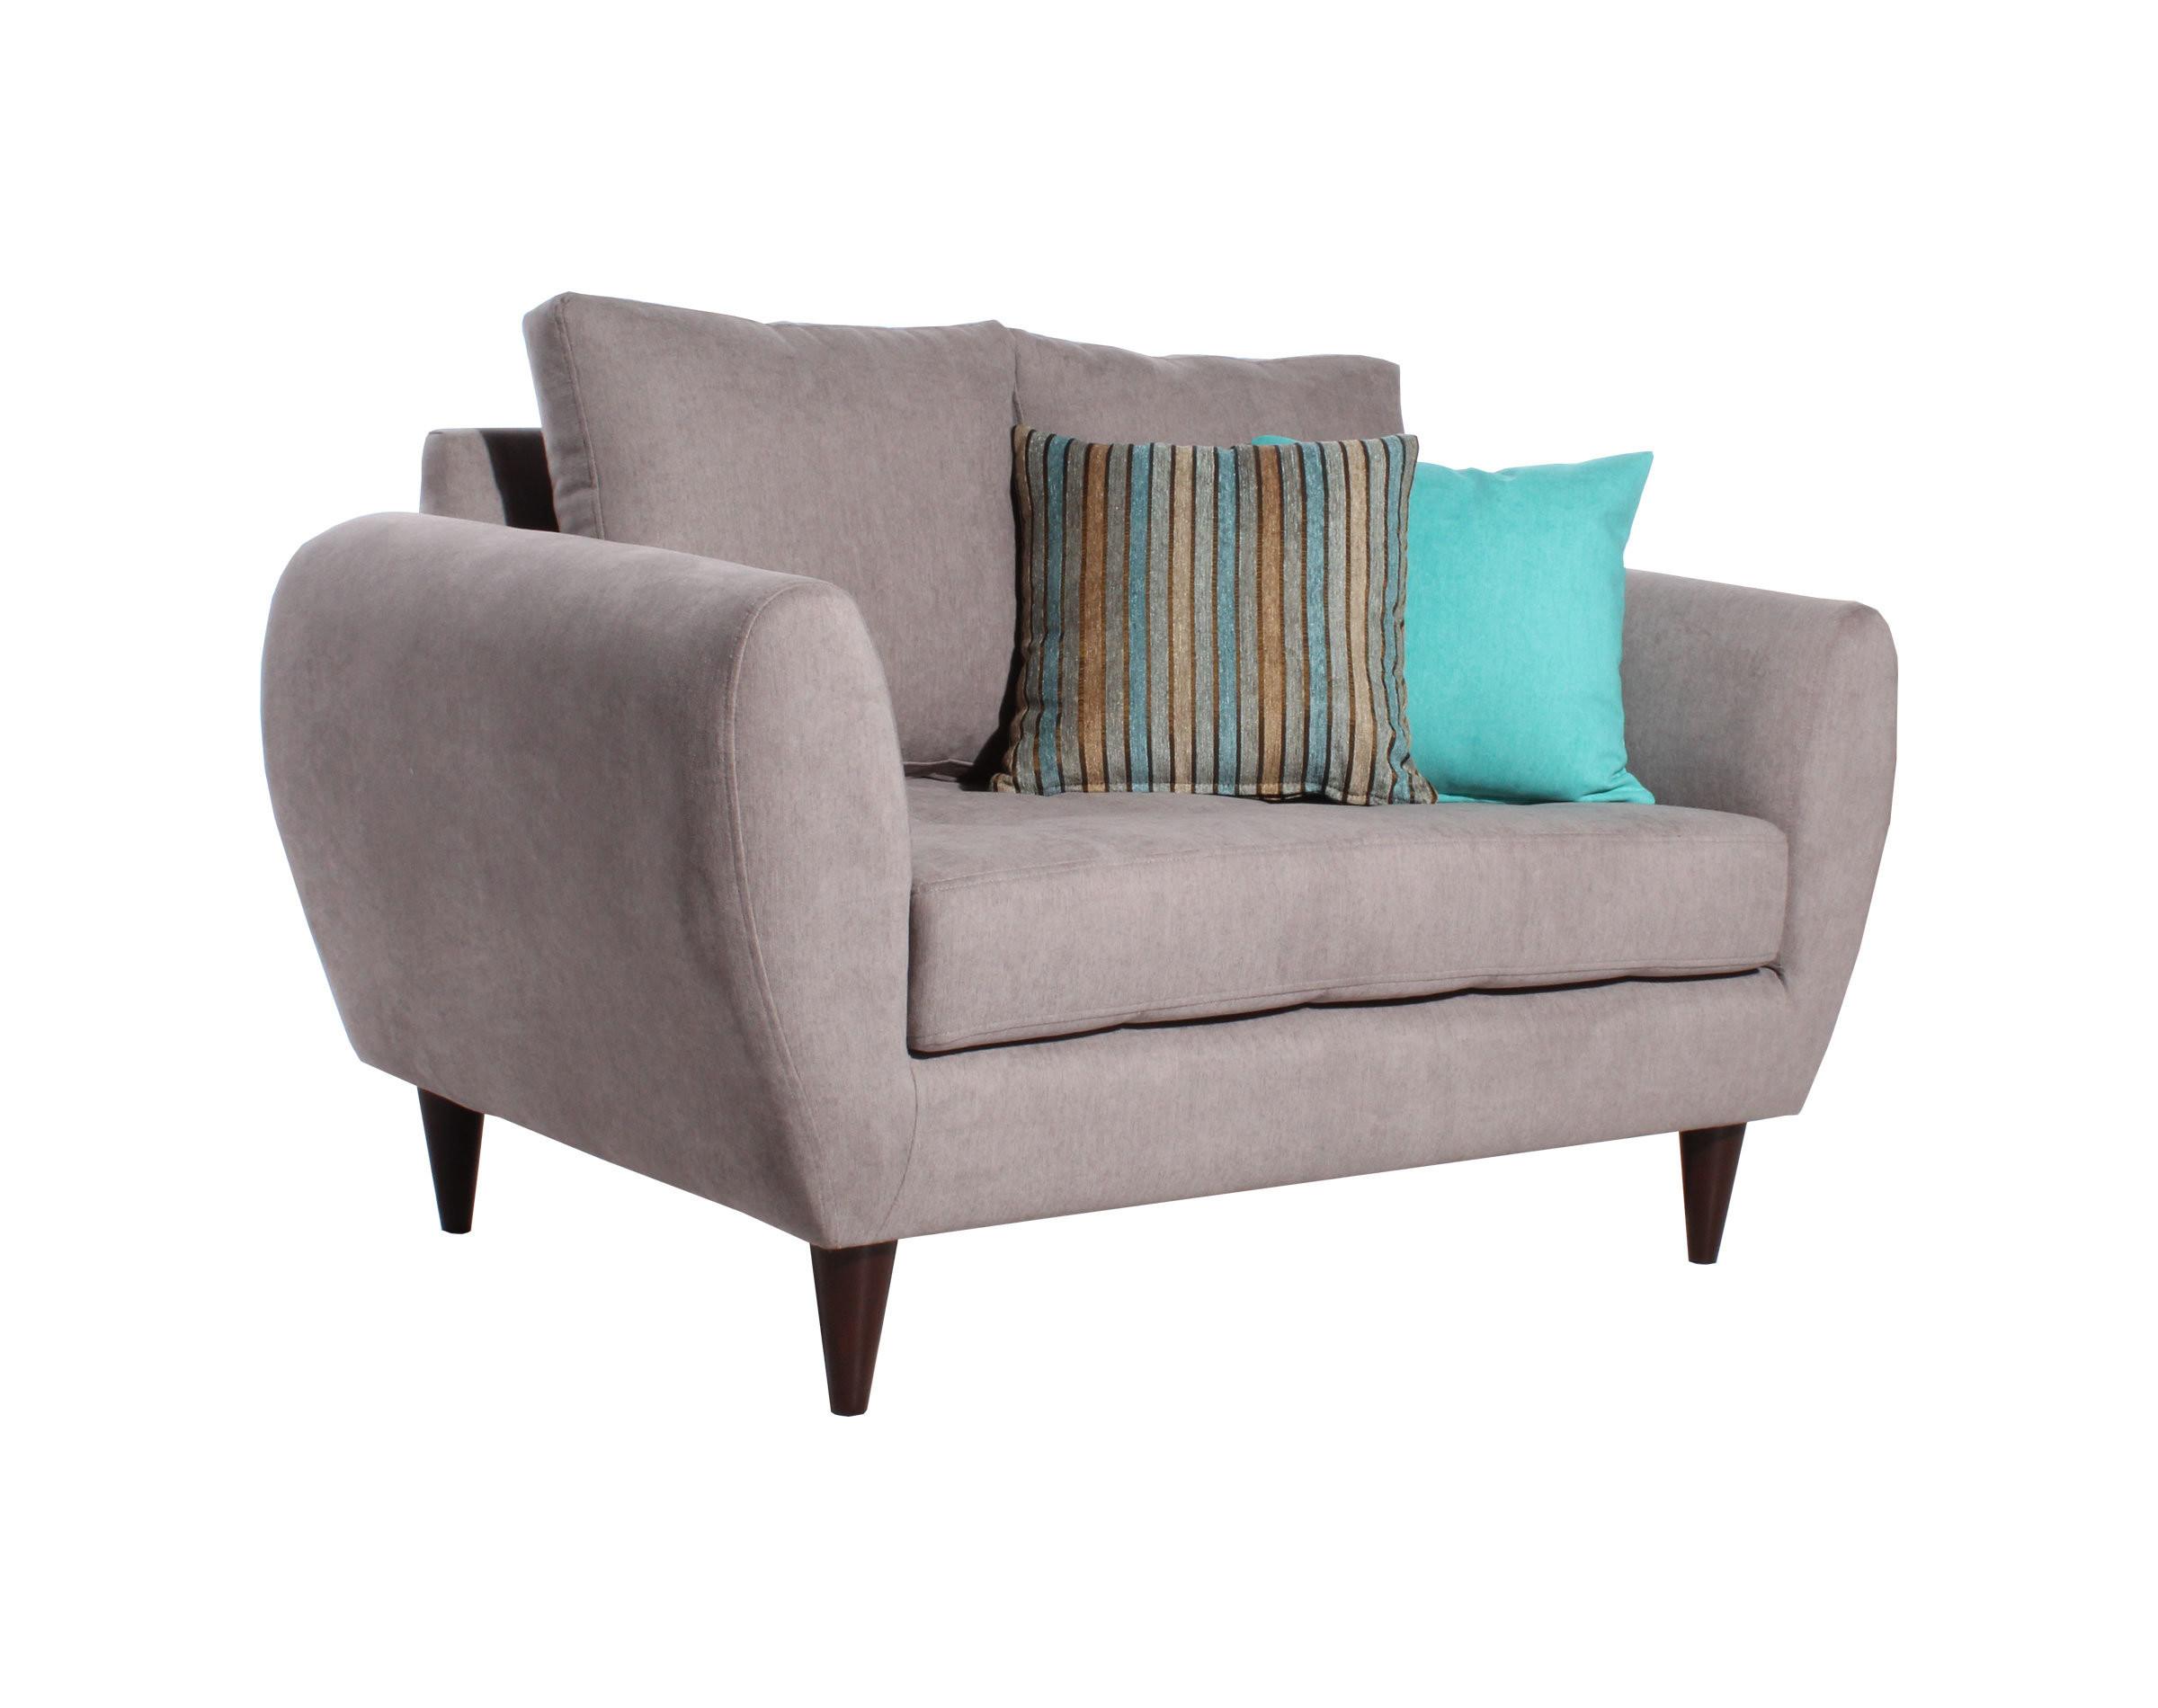 sofá pequeño 2 cuerpos